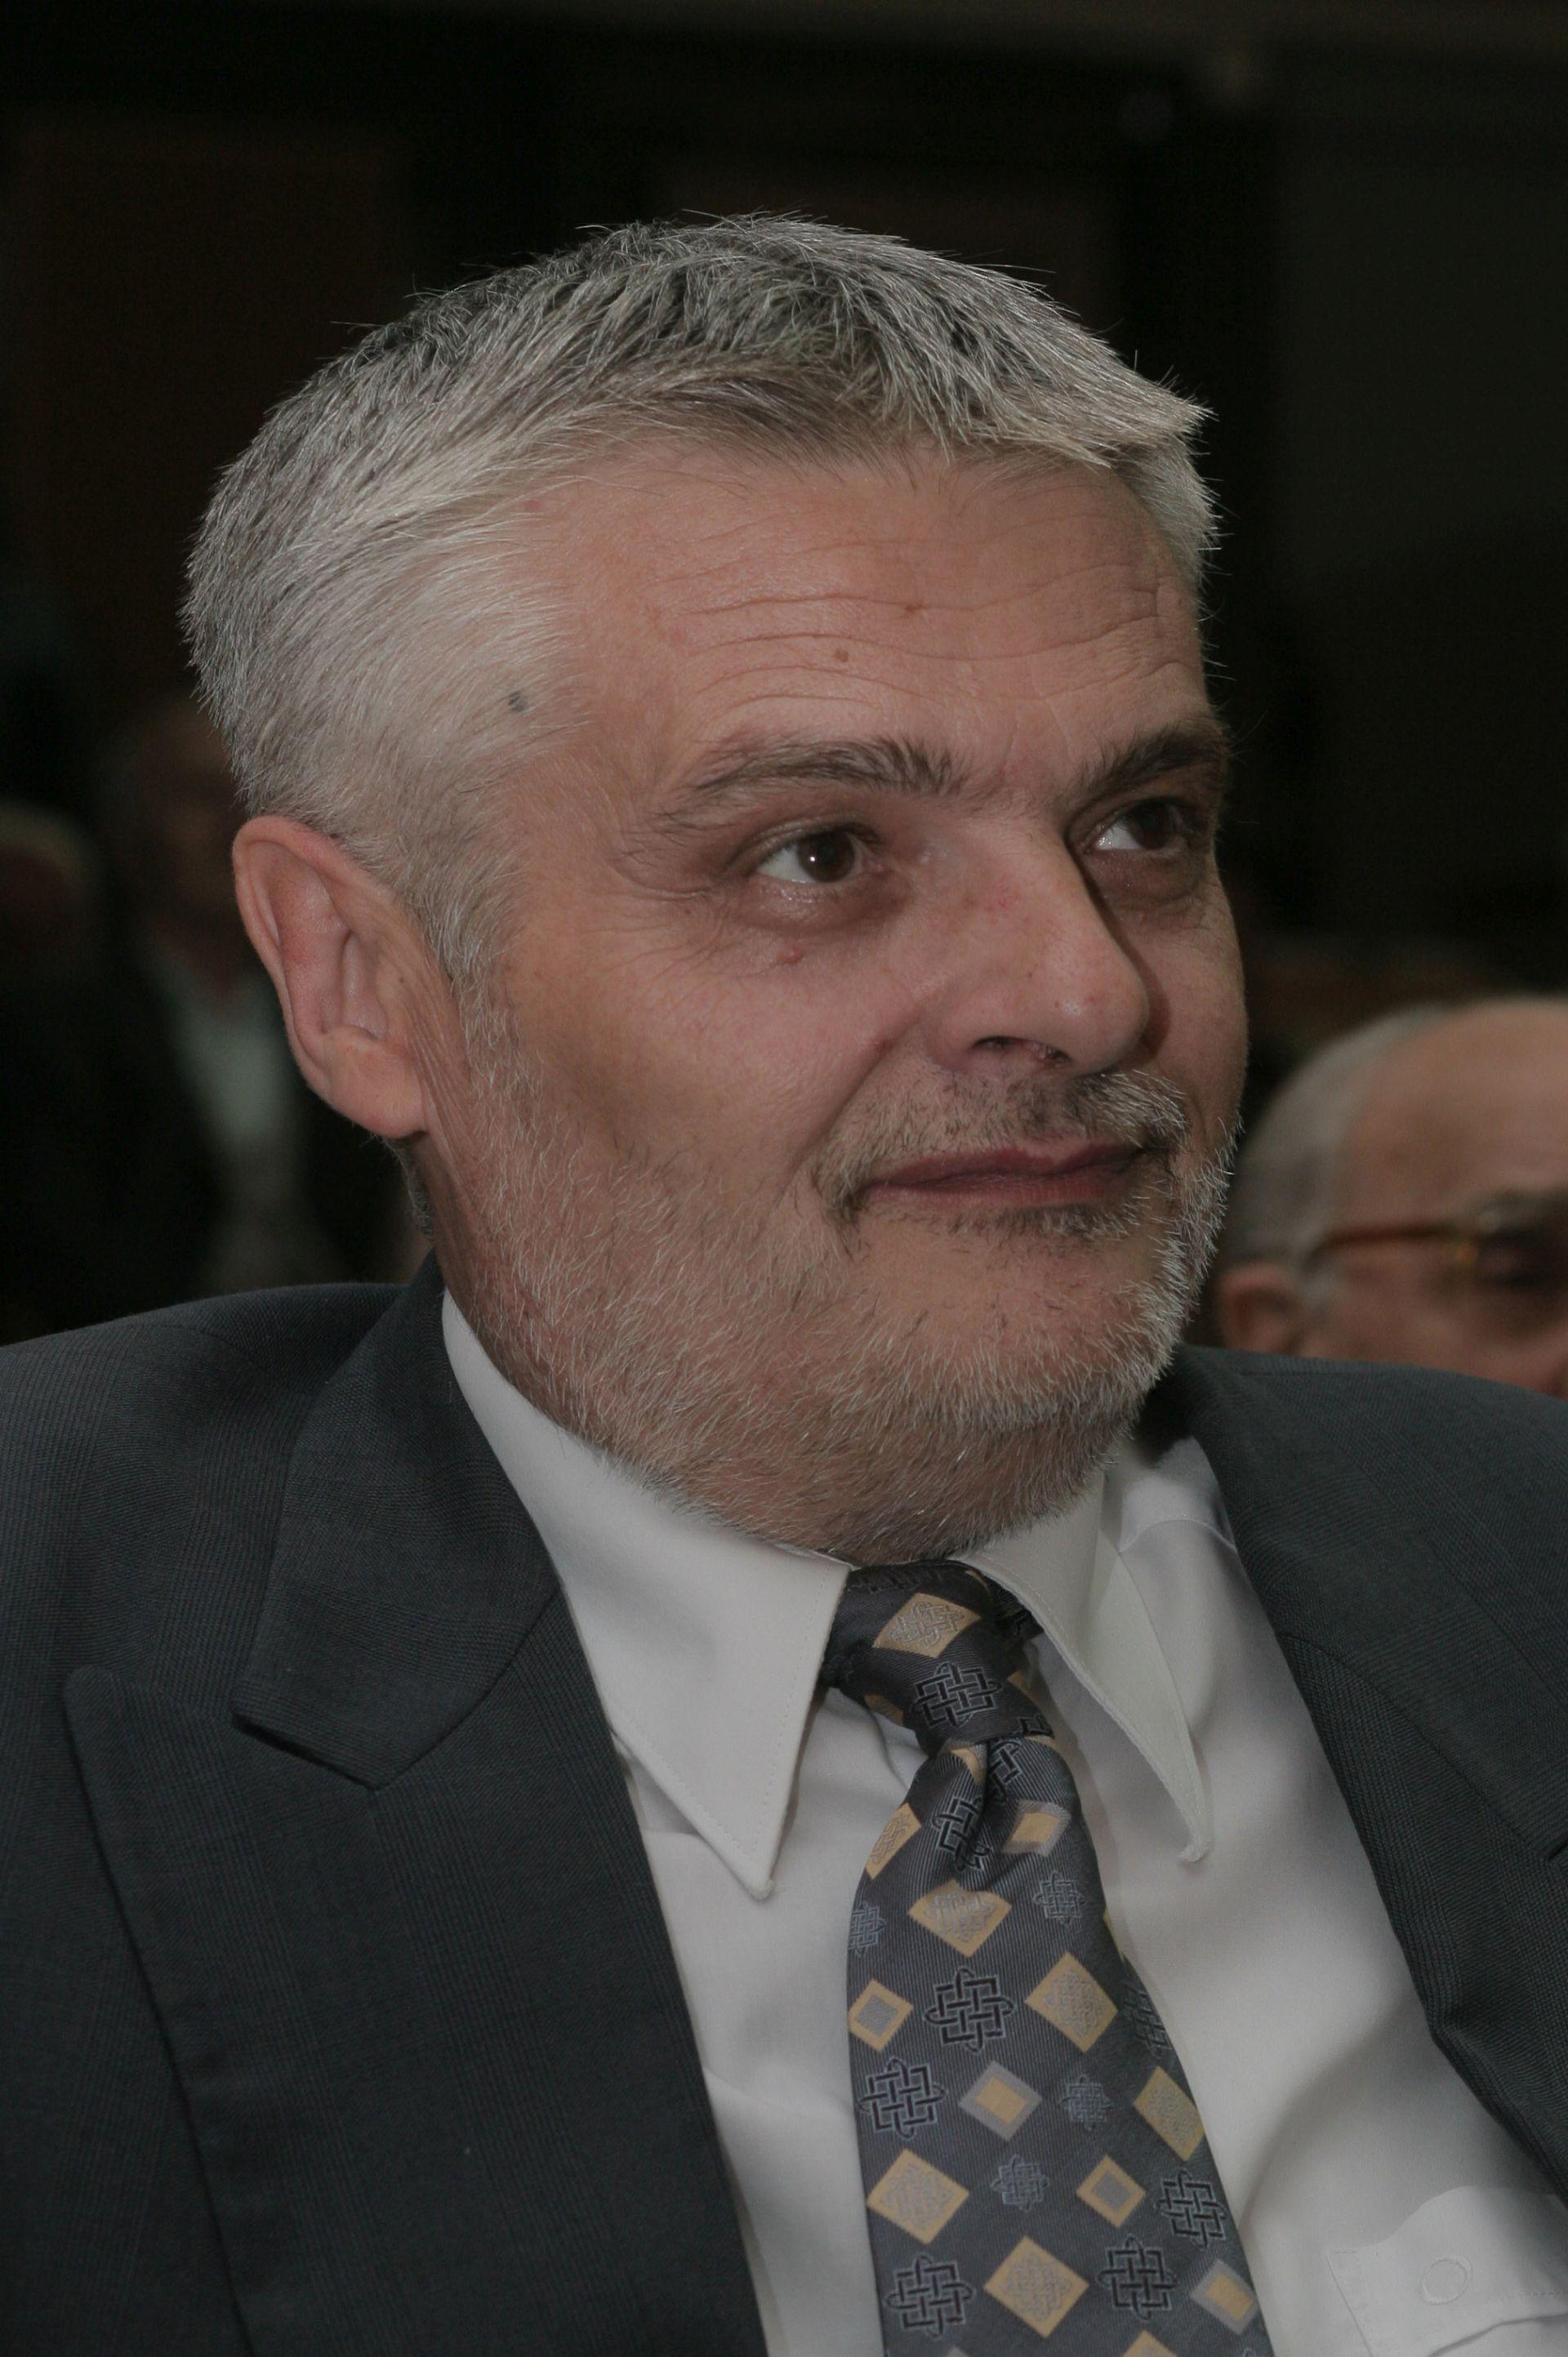 Umro akademik Nenad Vekarić